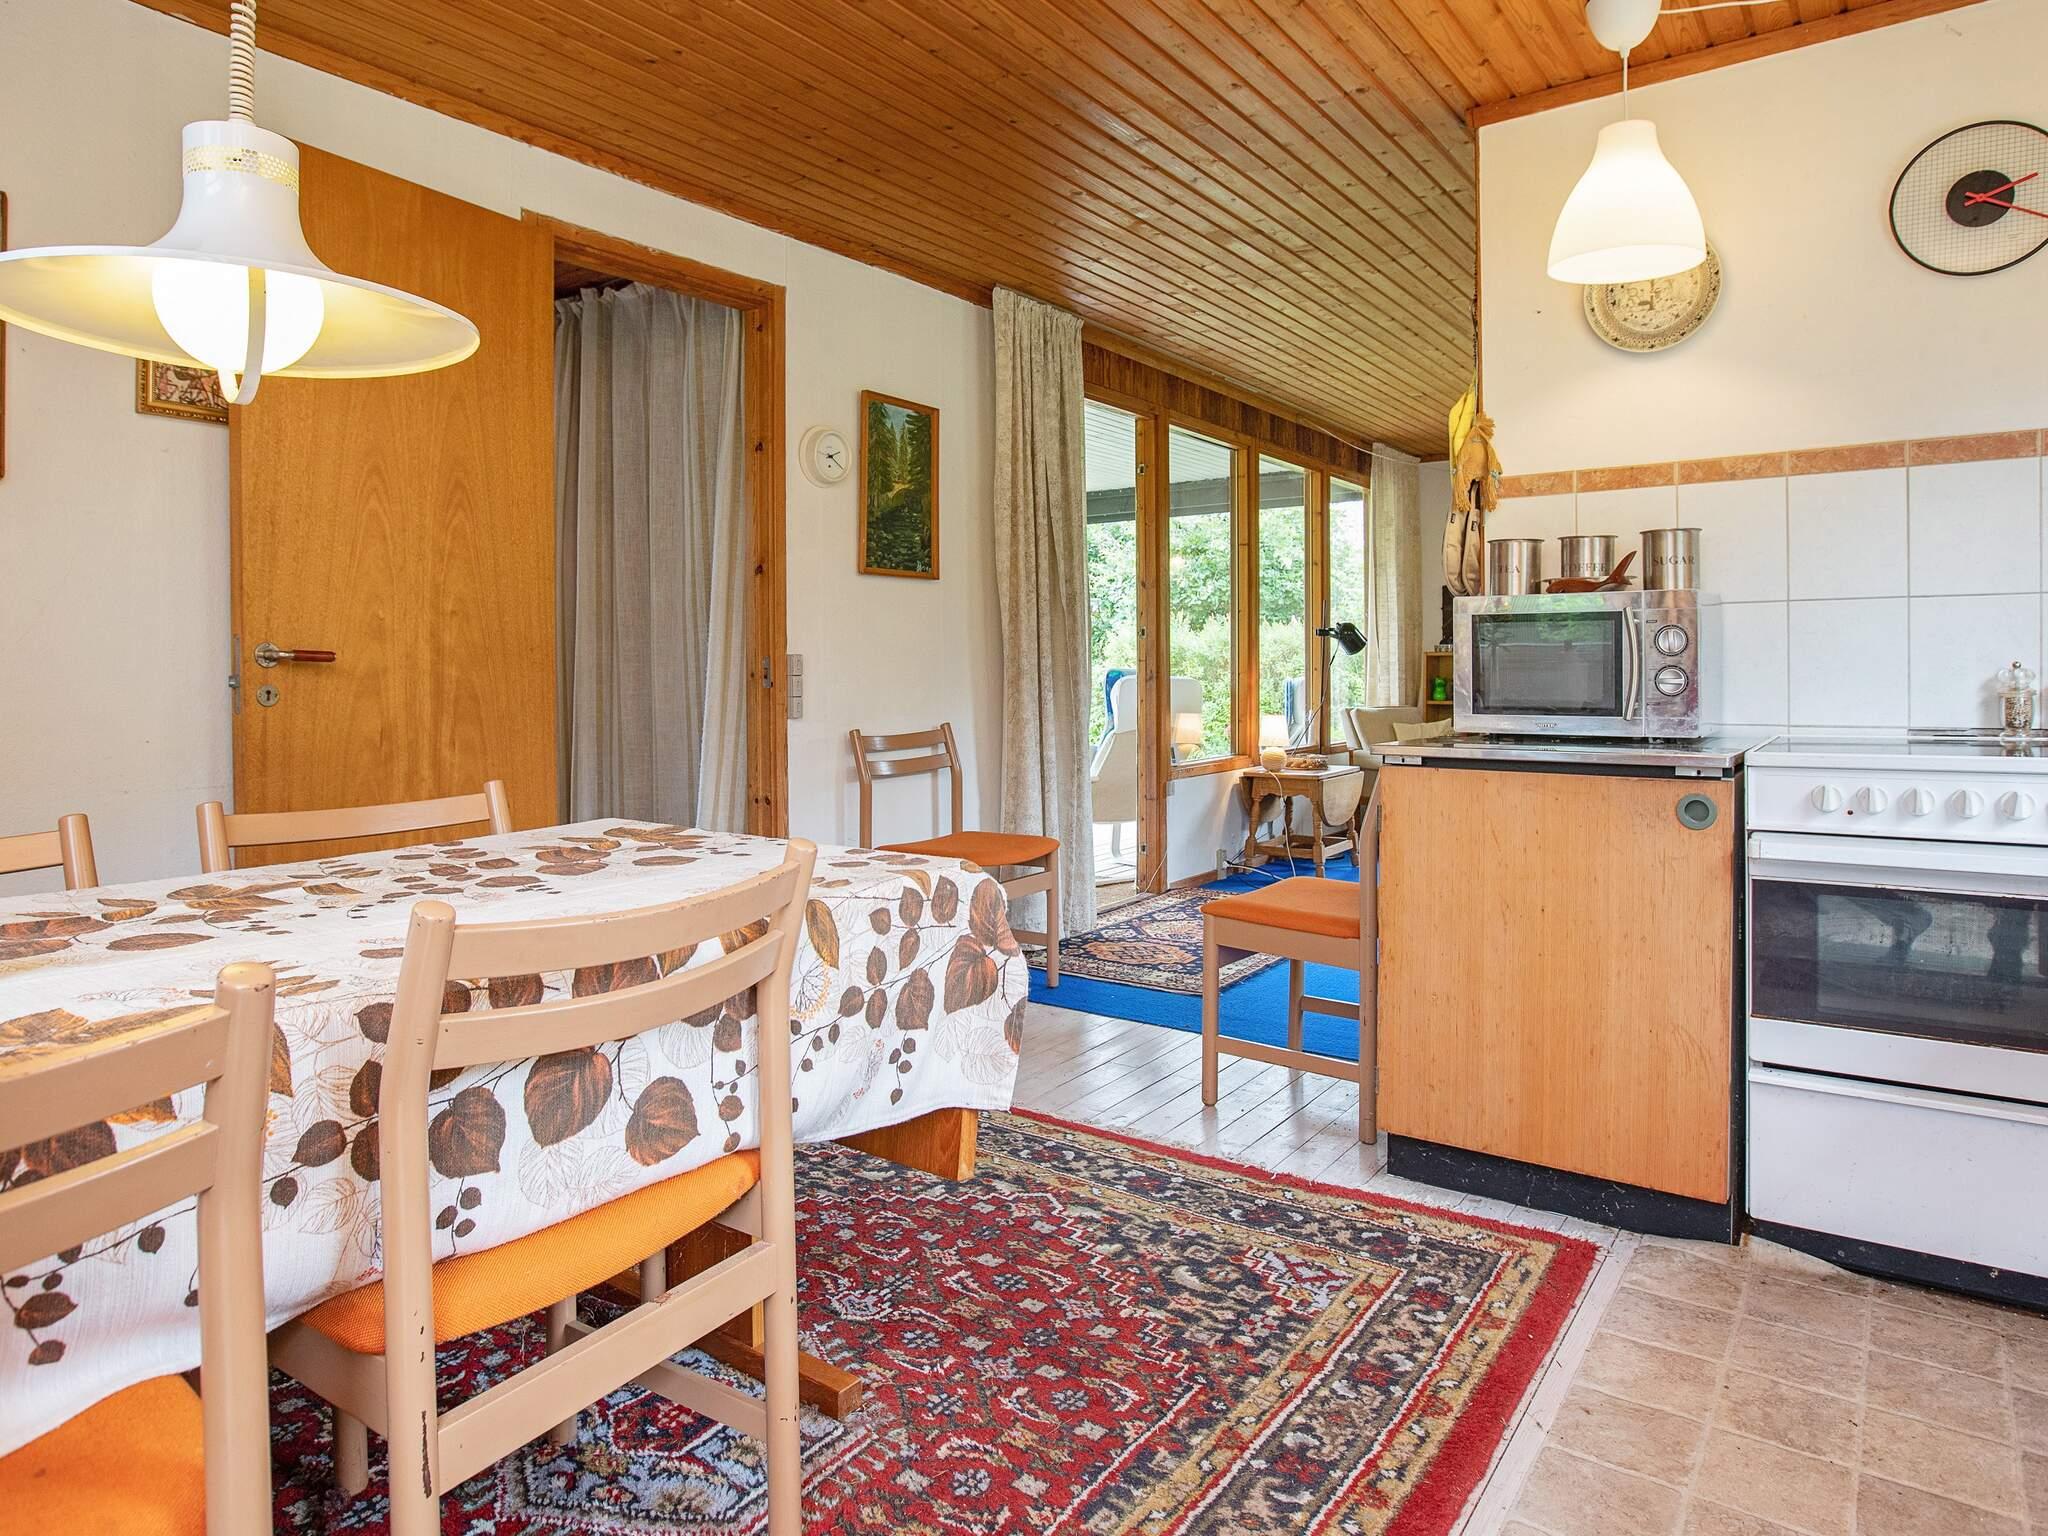 Ferienhaus Røsnæs/Vollerup (2656947), Kalundborg, , Westseeland, Dänemark, Bild 8